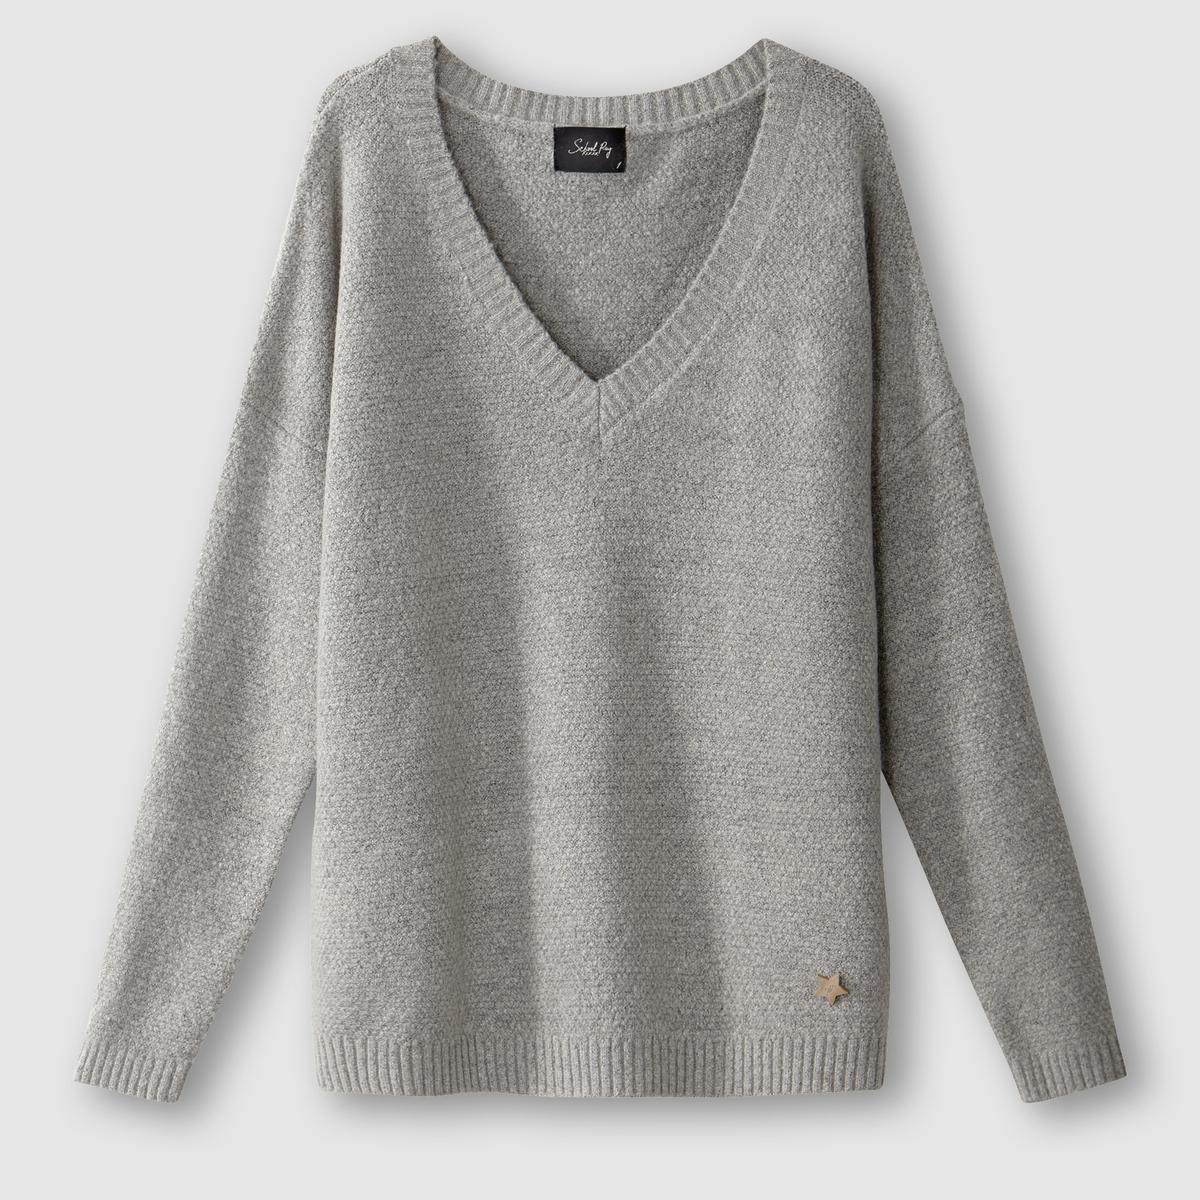 Пуловер с V-образным вырезом PAMELAСостав и описаниеМарка : SCHOOL RAGМодель : PAMELAМатериалы : 60% хлопка, 30% полиэстера, 10% шерсти<br><br>Цвет: светло-серый<br>Размер: M